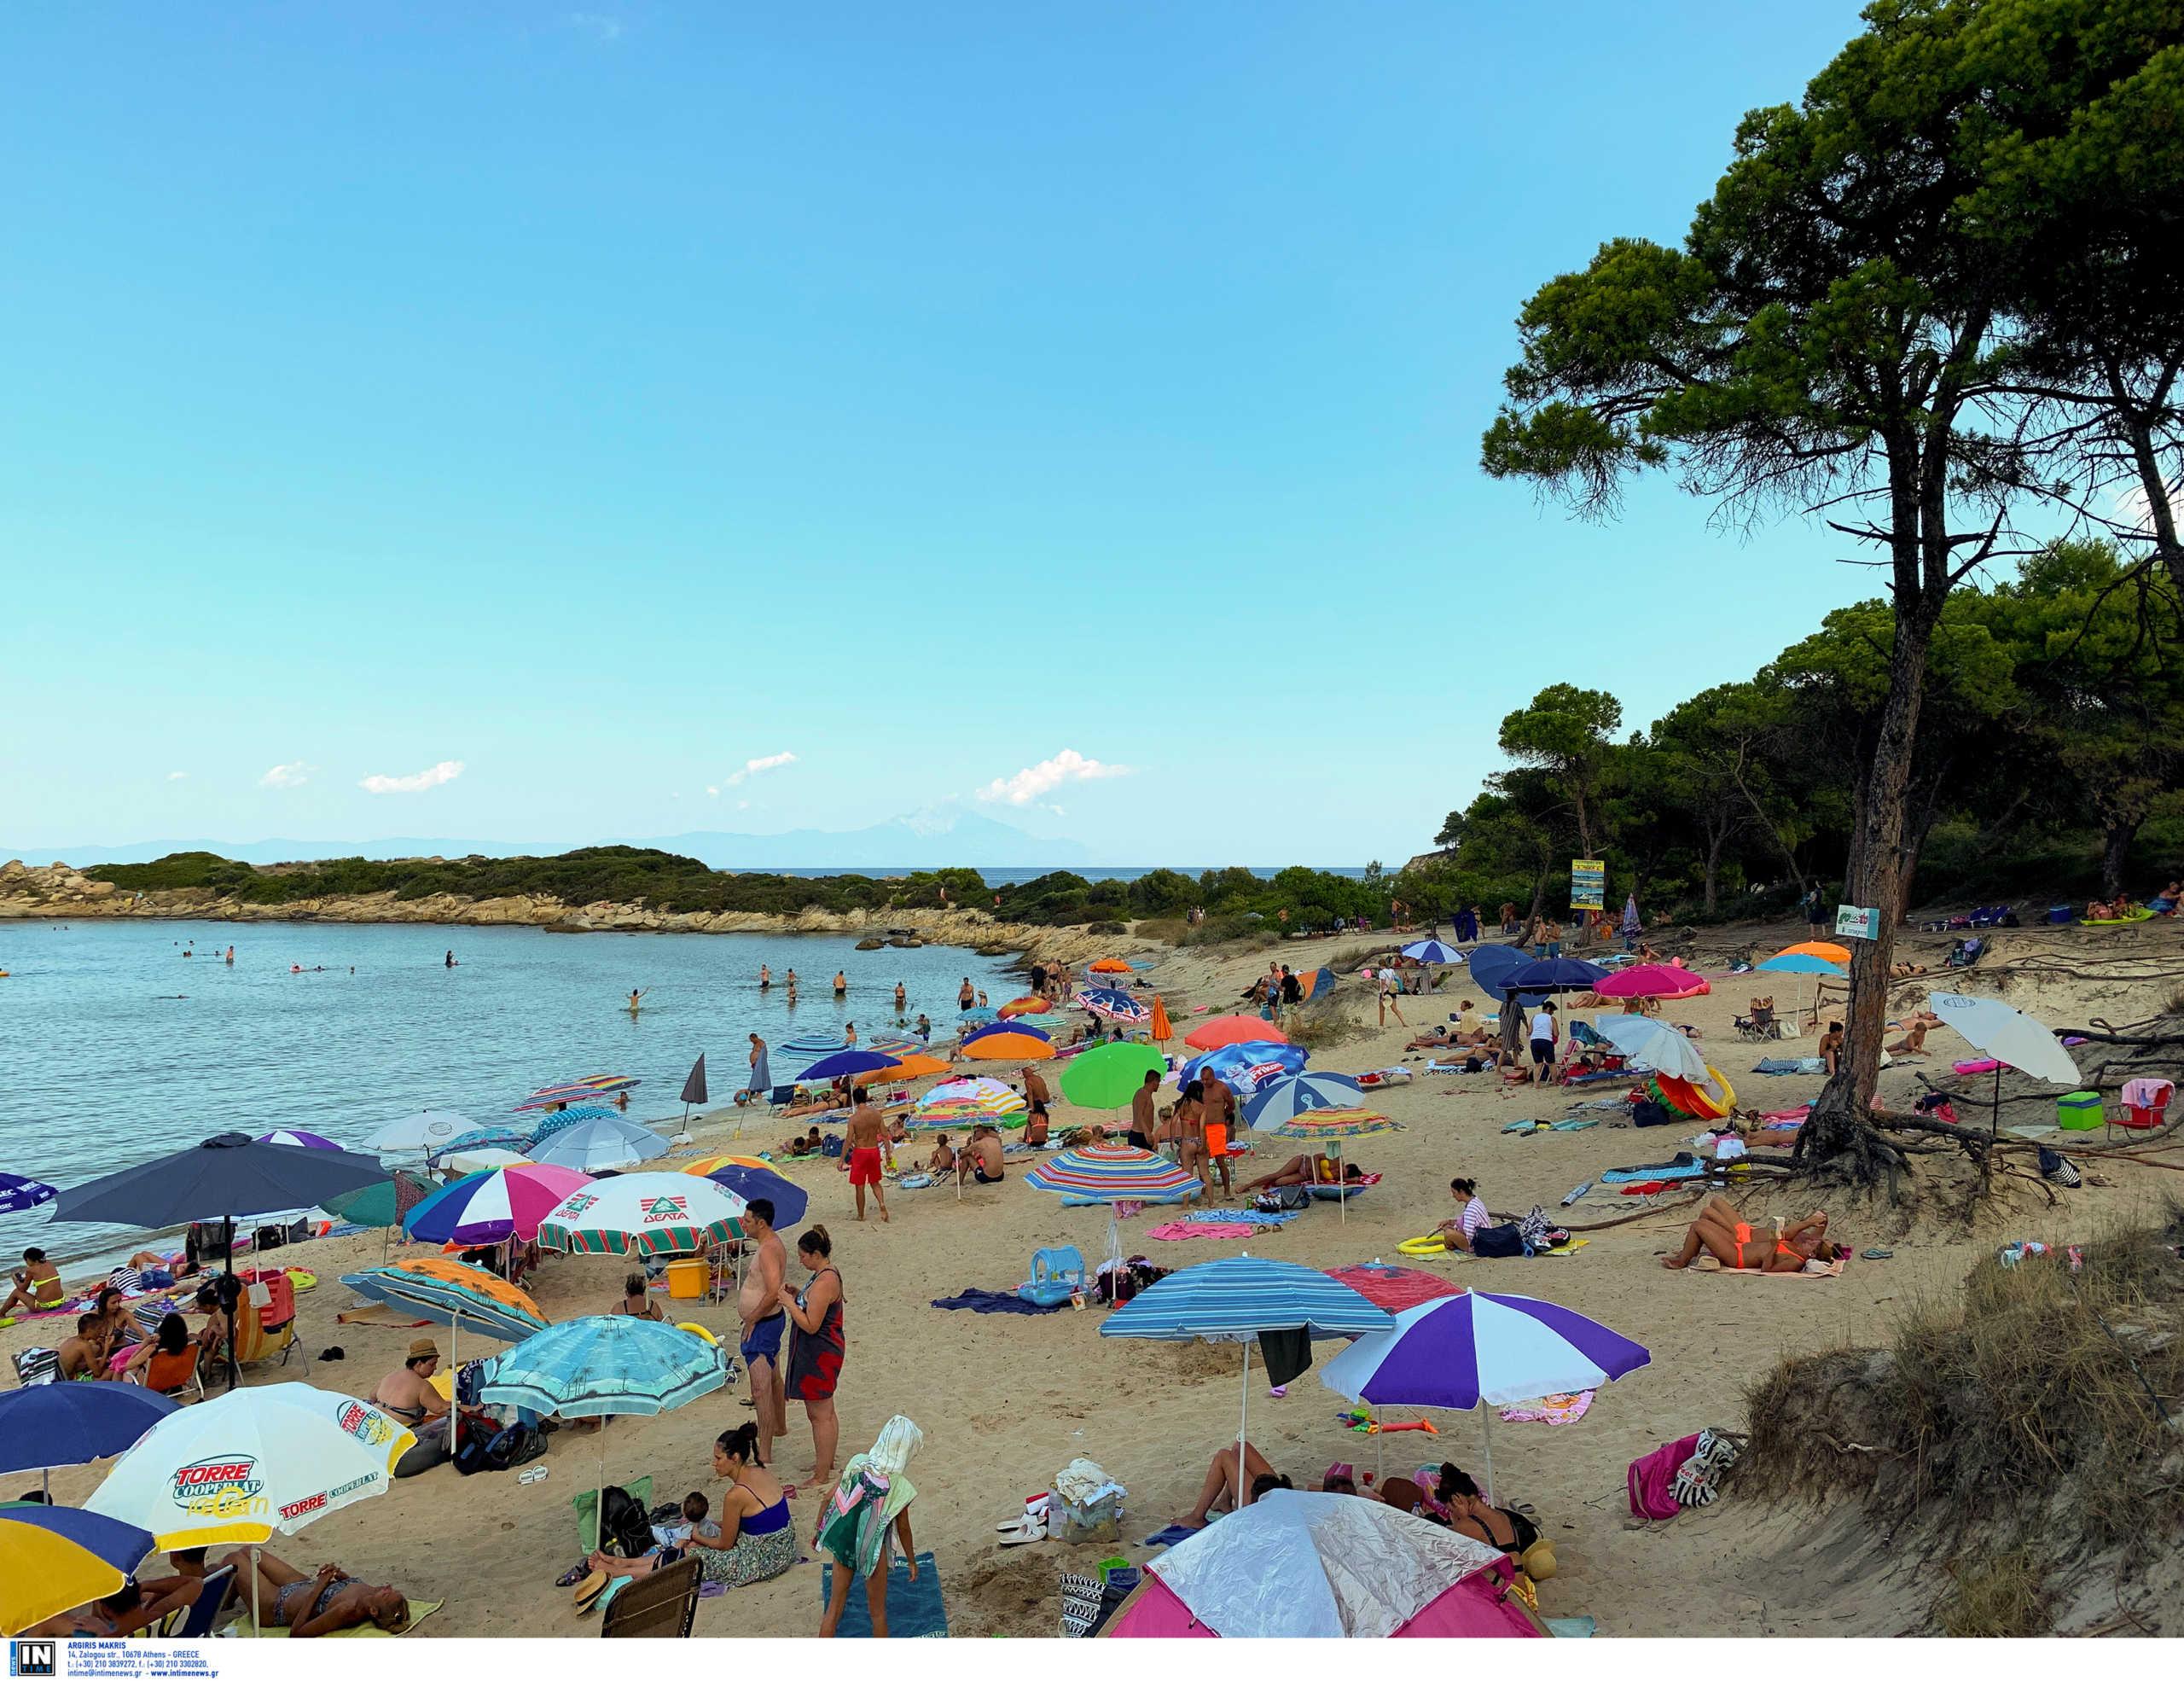 Γαλάζιες σημαίες: Αυτές είναι οι καλύτερες παραλίες σε Αττική, Θεσσαλονίκη και Χαλκιδική